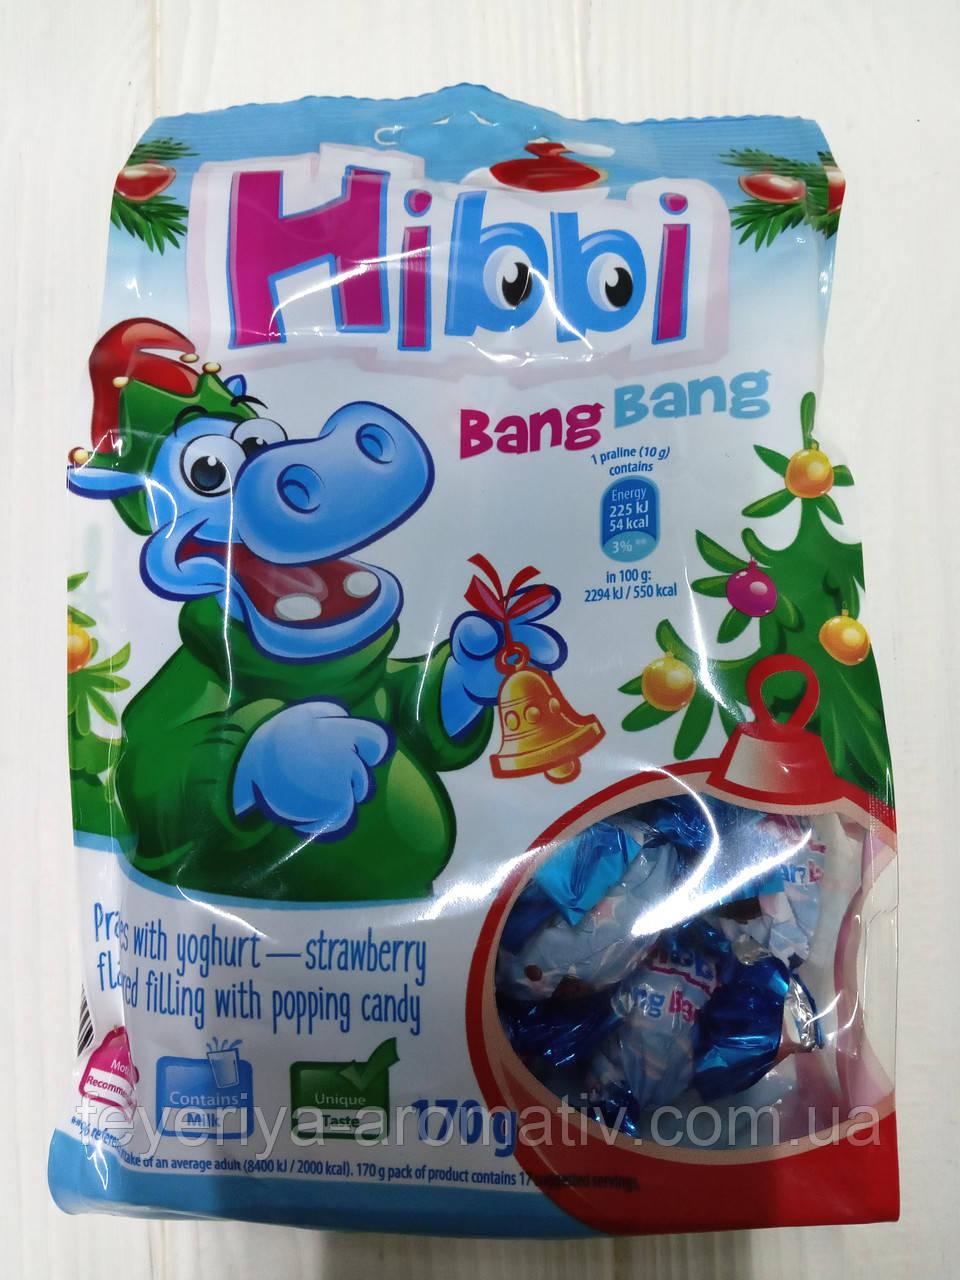 Детские конфеты пралине с начинкой клубничный йогурт Hibbi Bang Band 170гр (Польша)